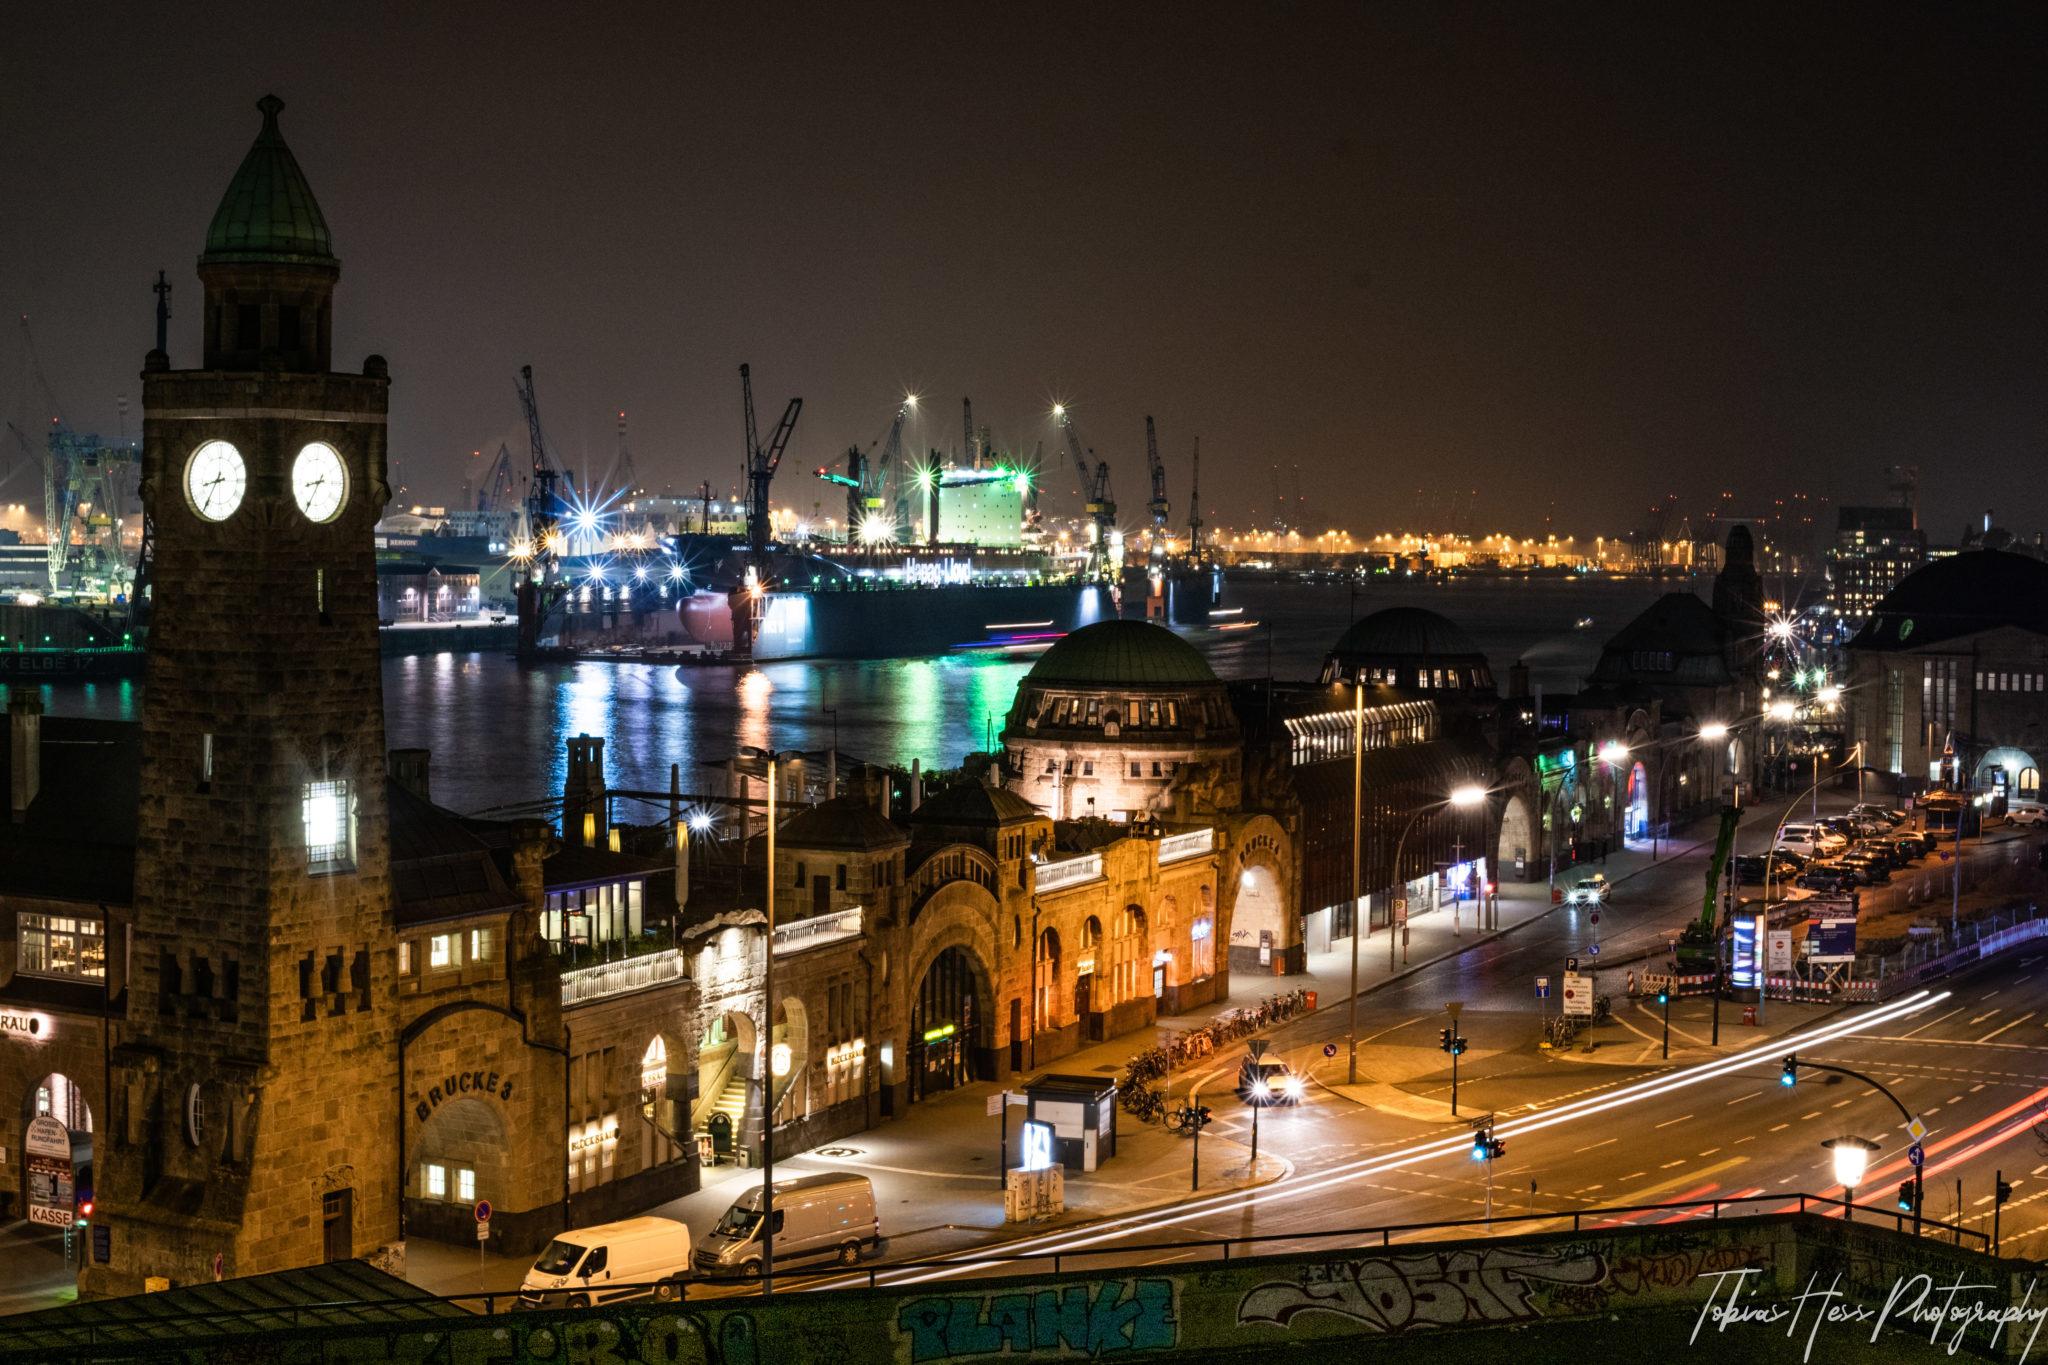 Landungsbrücken Hamburg Nachtfotografie